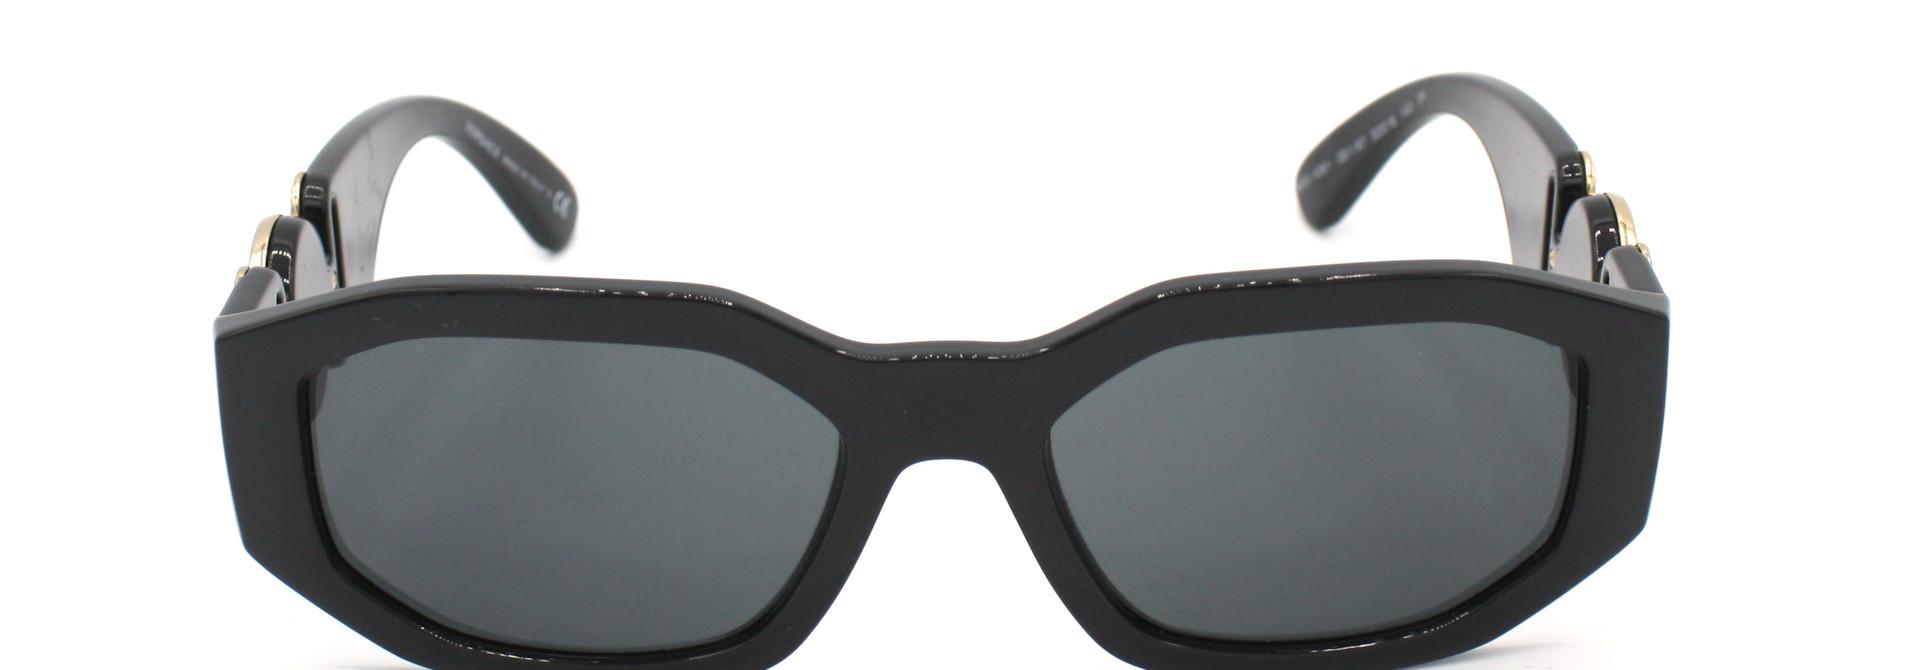 Versace - VE4361 - GB1/87